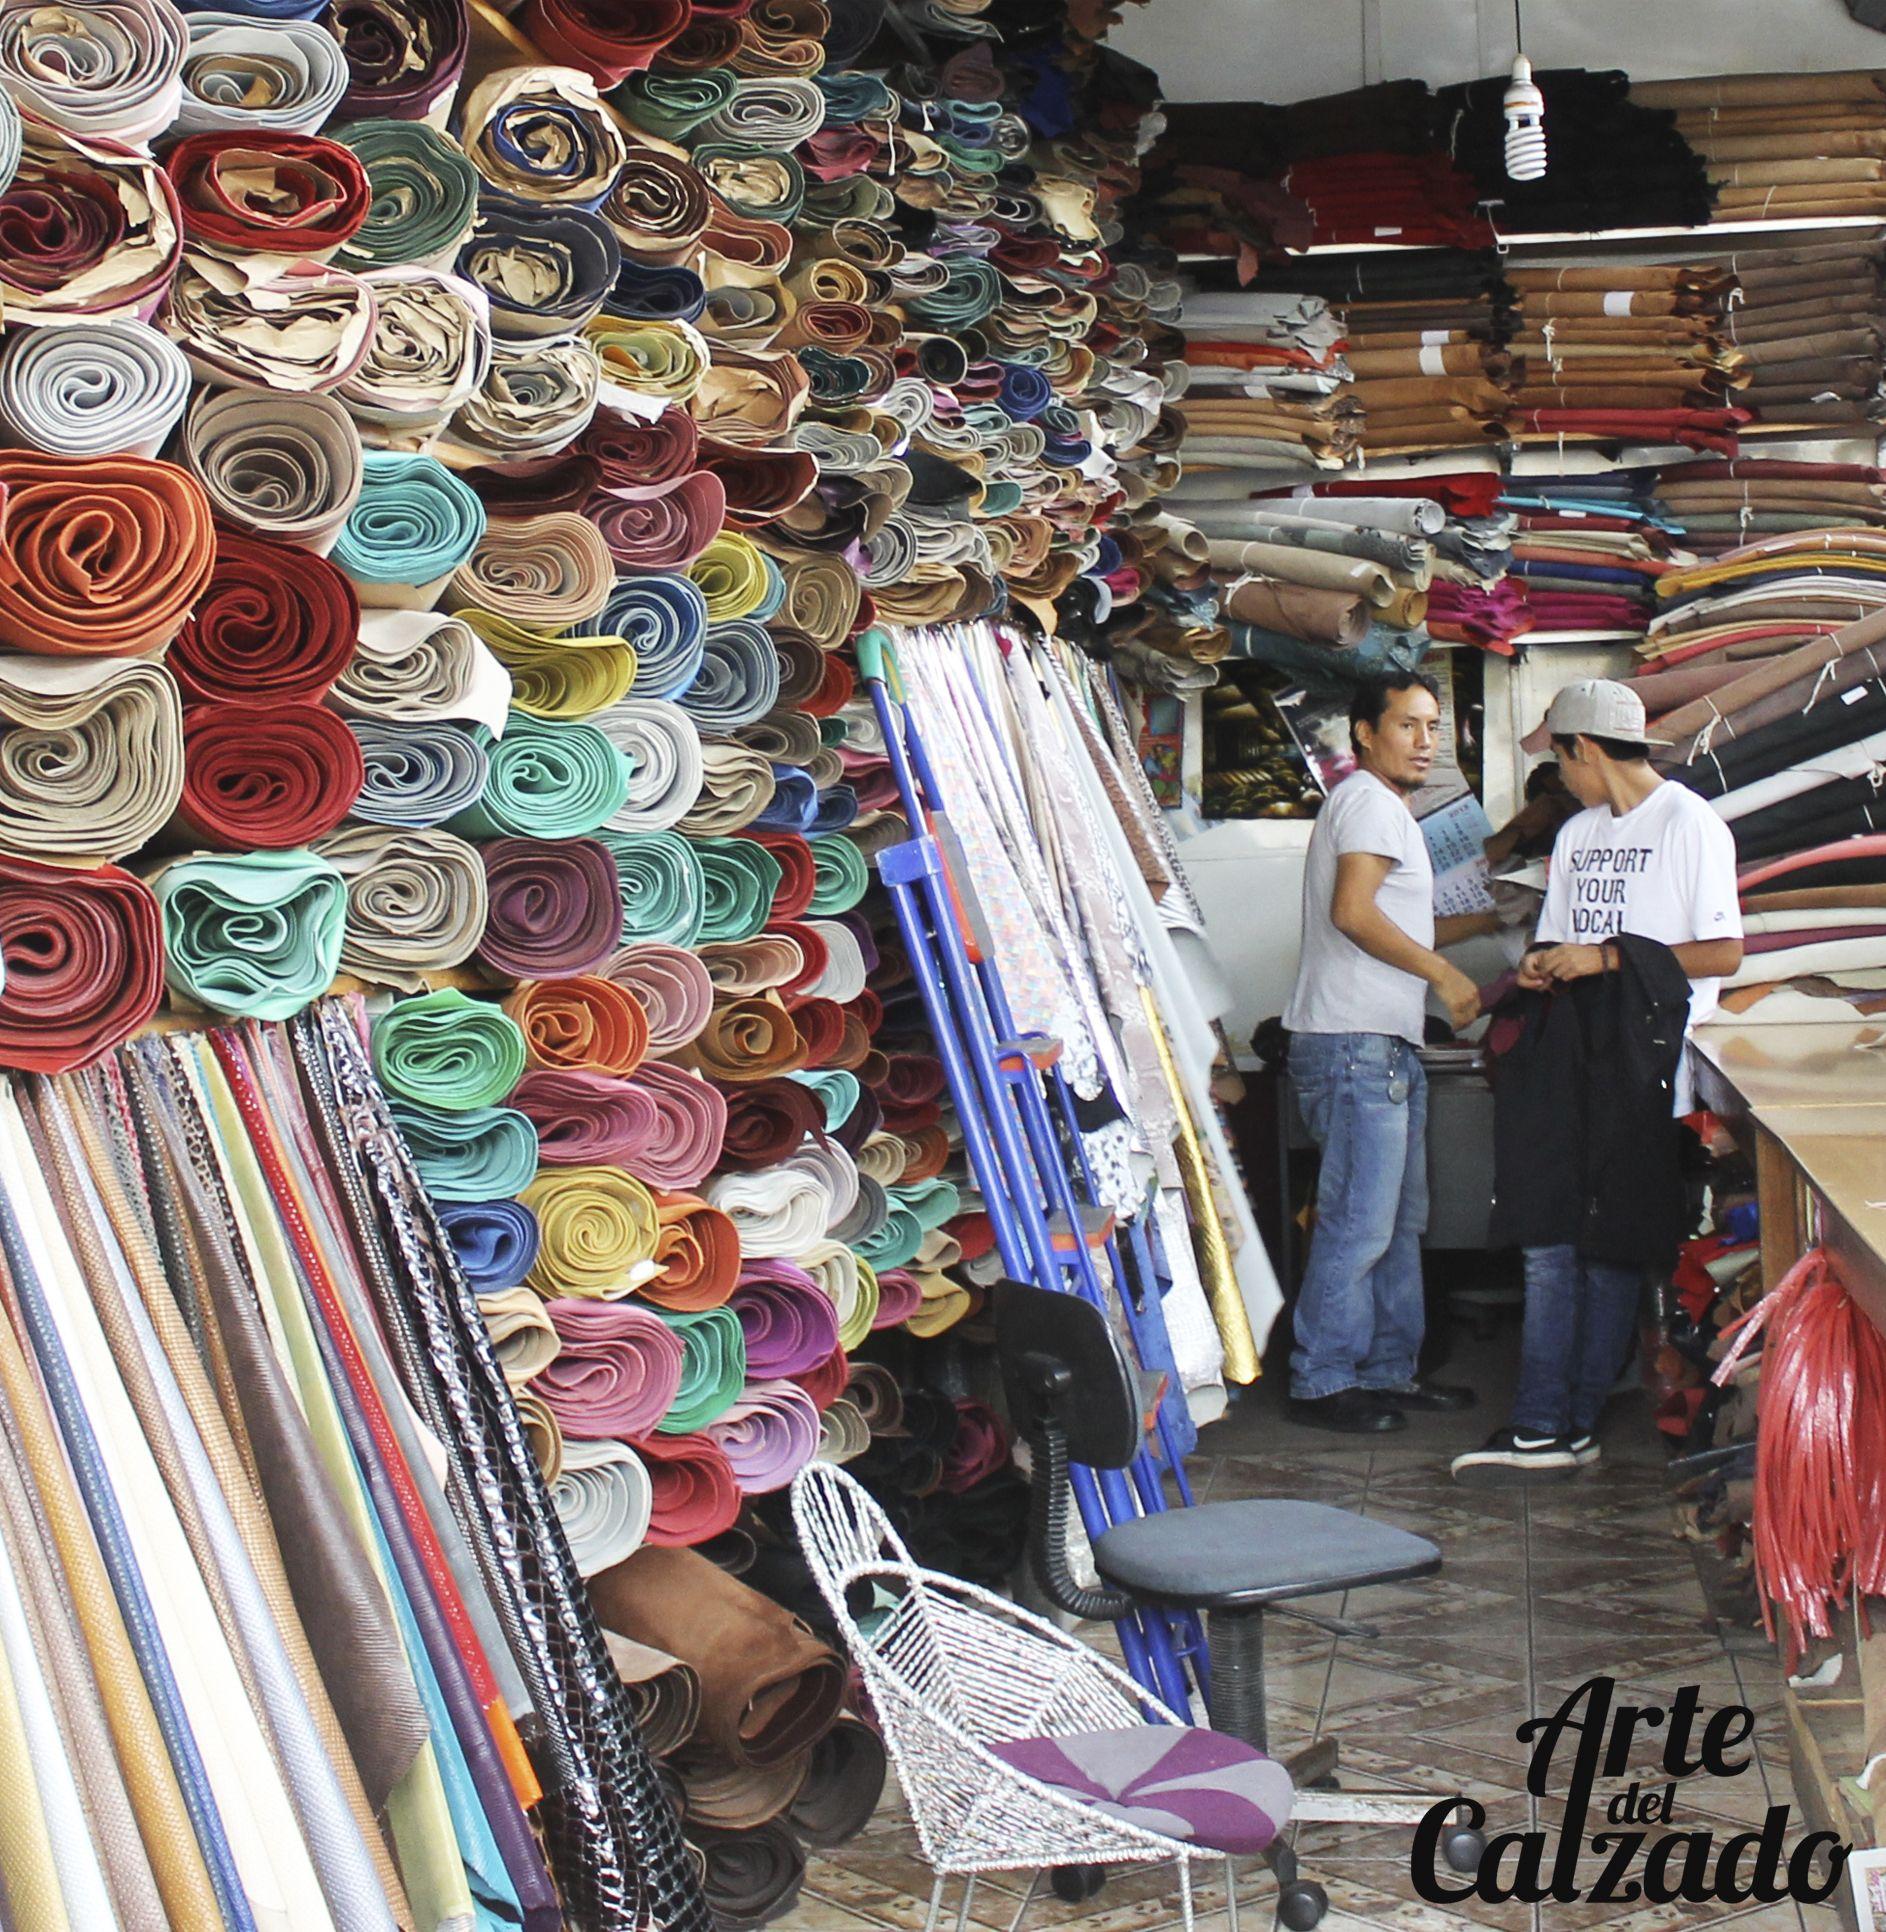 Arte del calzado      Av 28 de Julio 462 interior 110 - Miraflores    info@artedelcalzado.com          web : artedelcalzado.com/